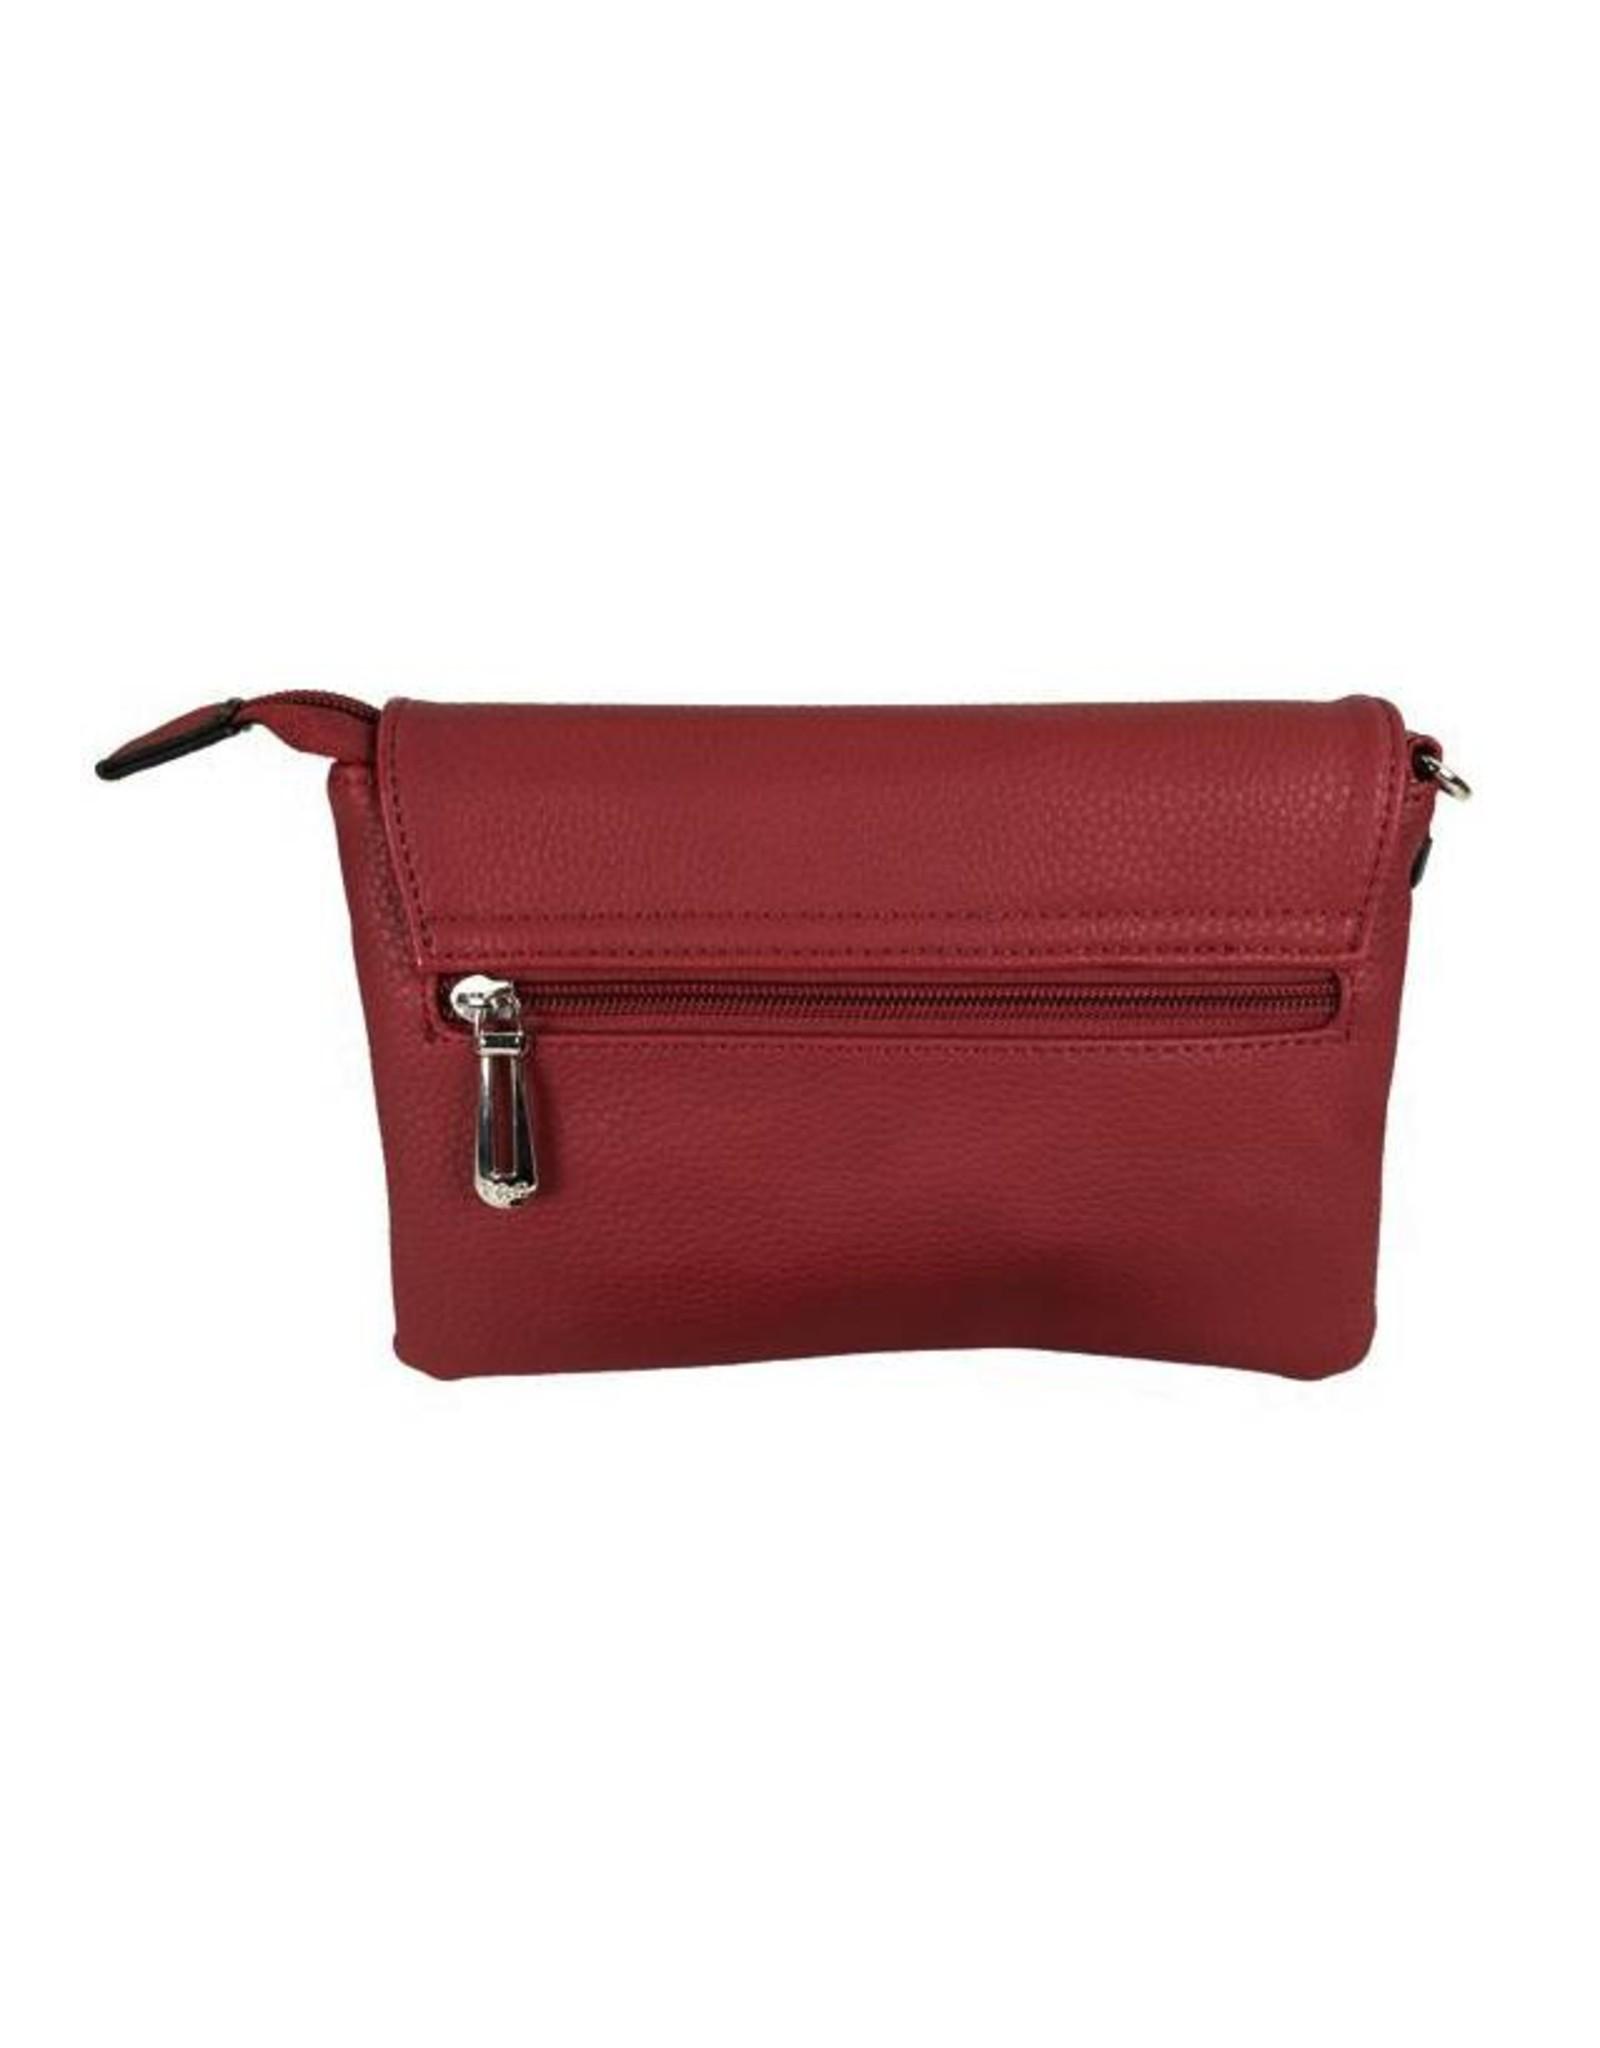 Handtasje/clutch bordeaux